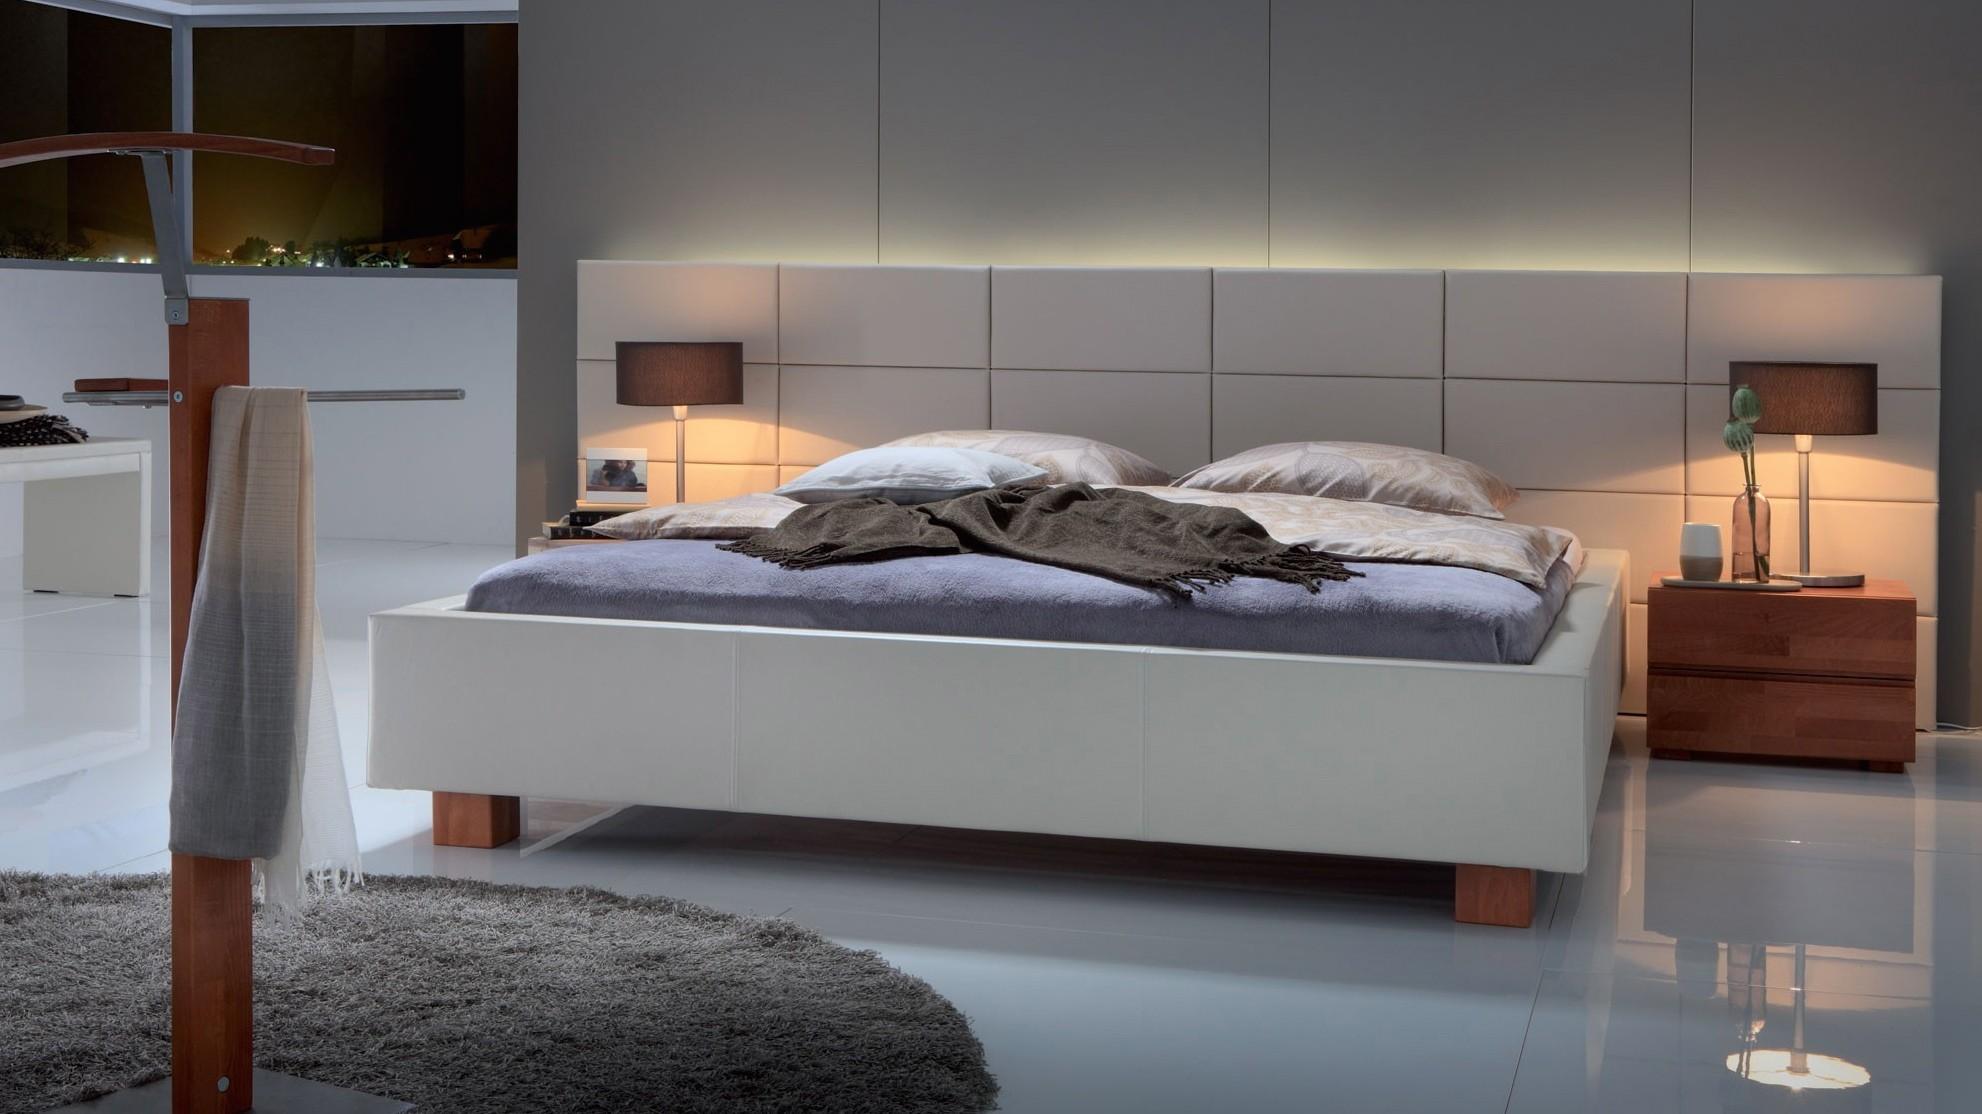 Comment rendre un int rieur chaleureux en ajoutant un peu de fourrure - Castorama tete de lit ...